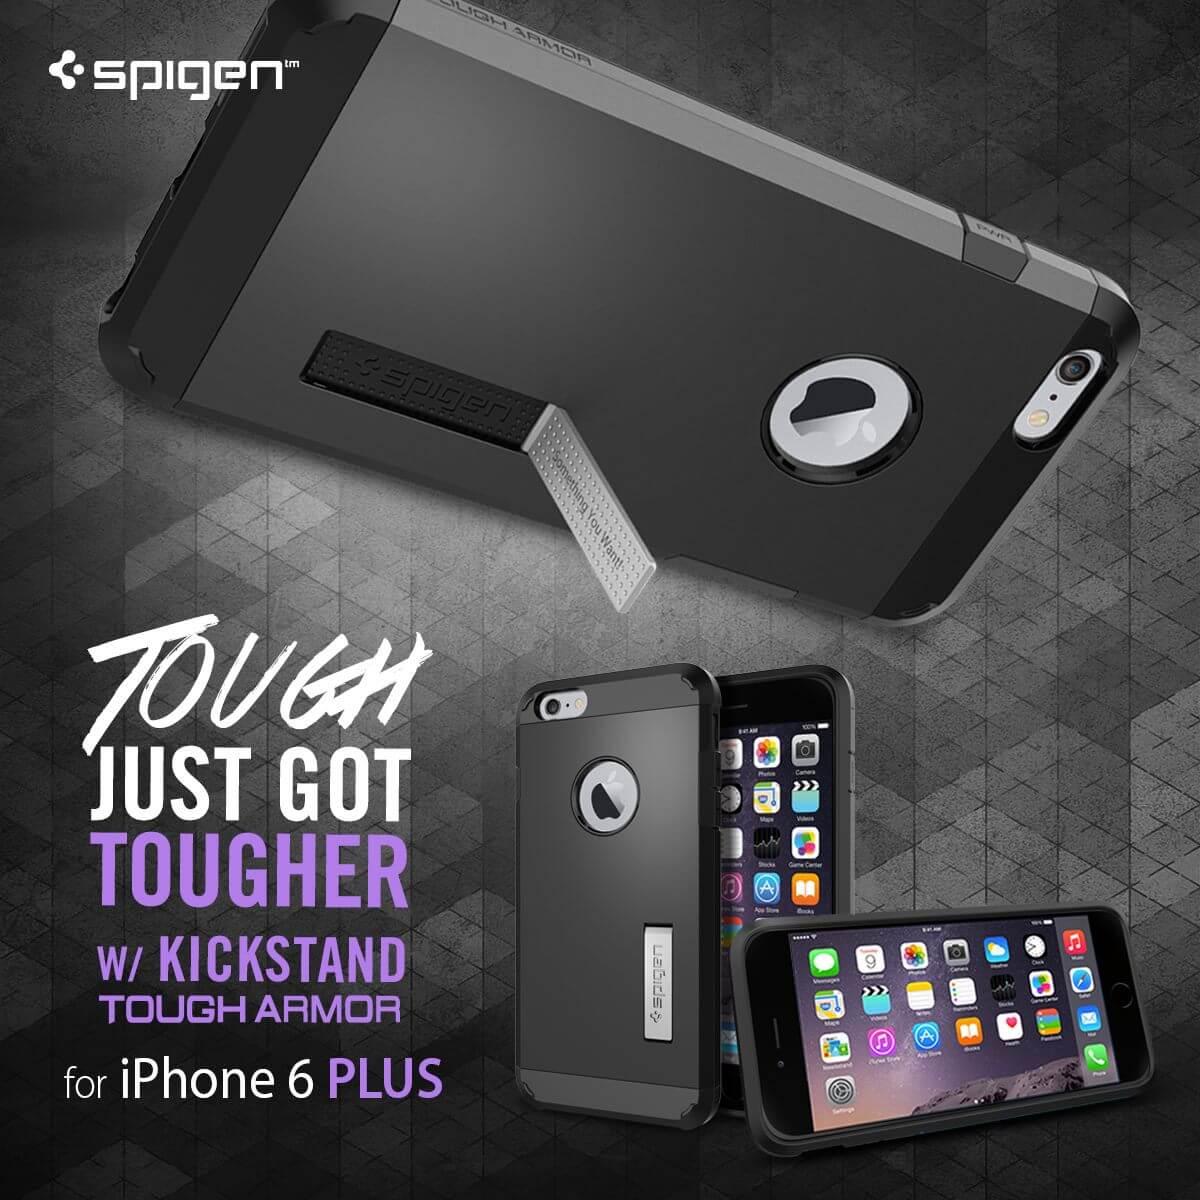 spigen tough armor iphone 6s plus 6 plus case champagne gold that has